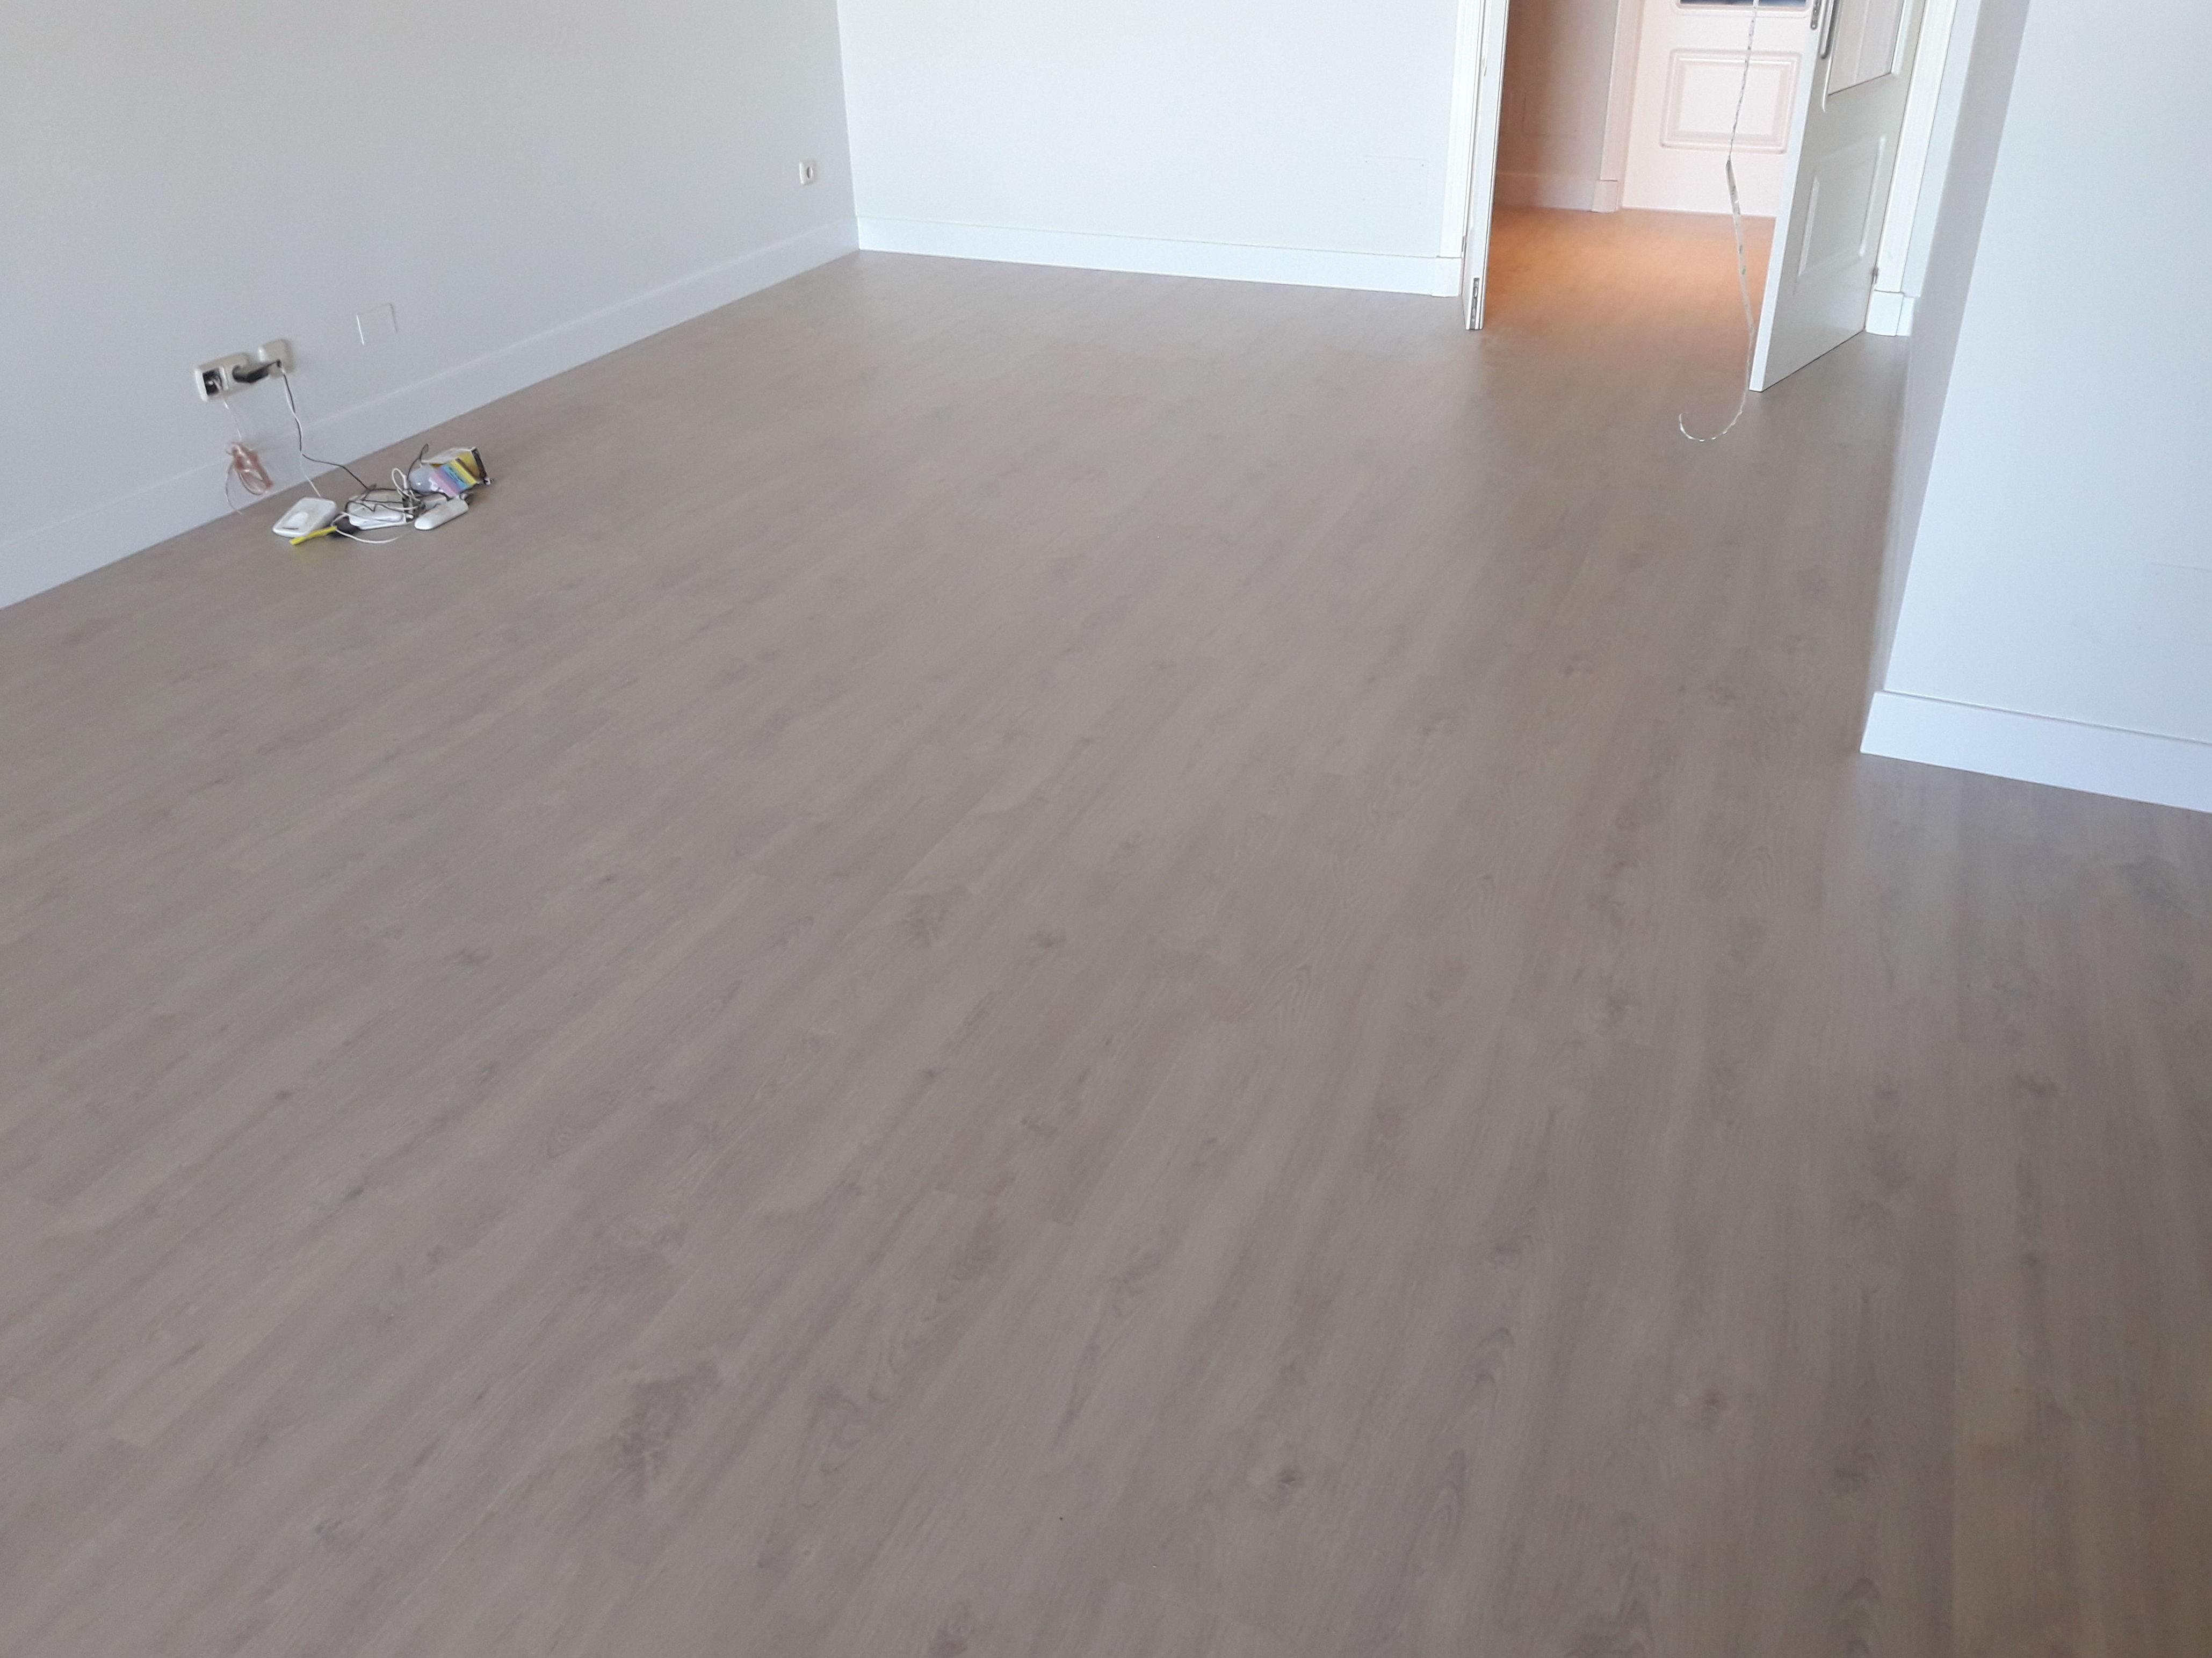 Instalador de suelos laminados en Marbella. Suelo laminado AC5. instaladordetarima.com